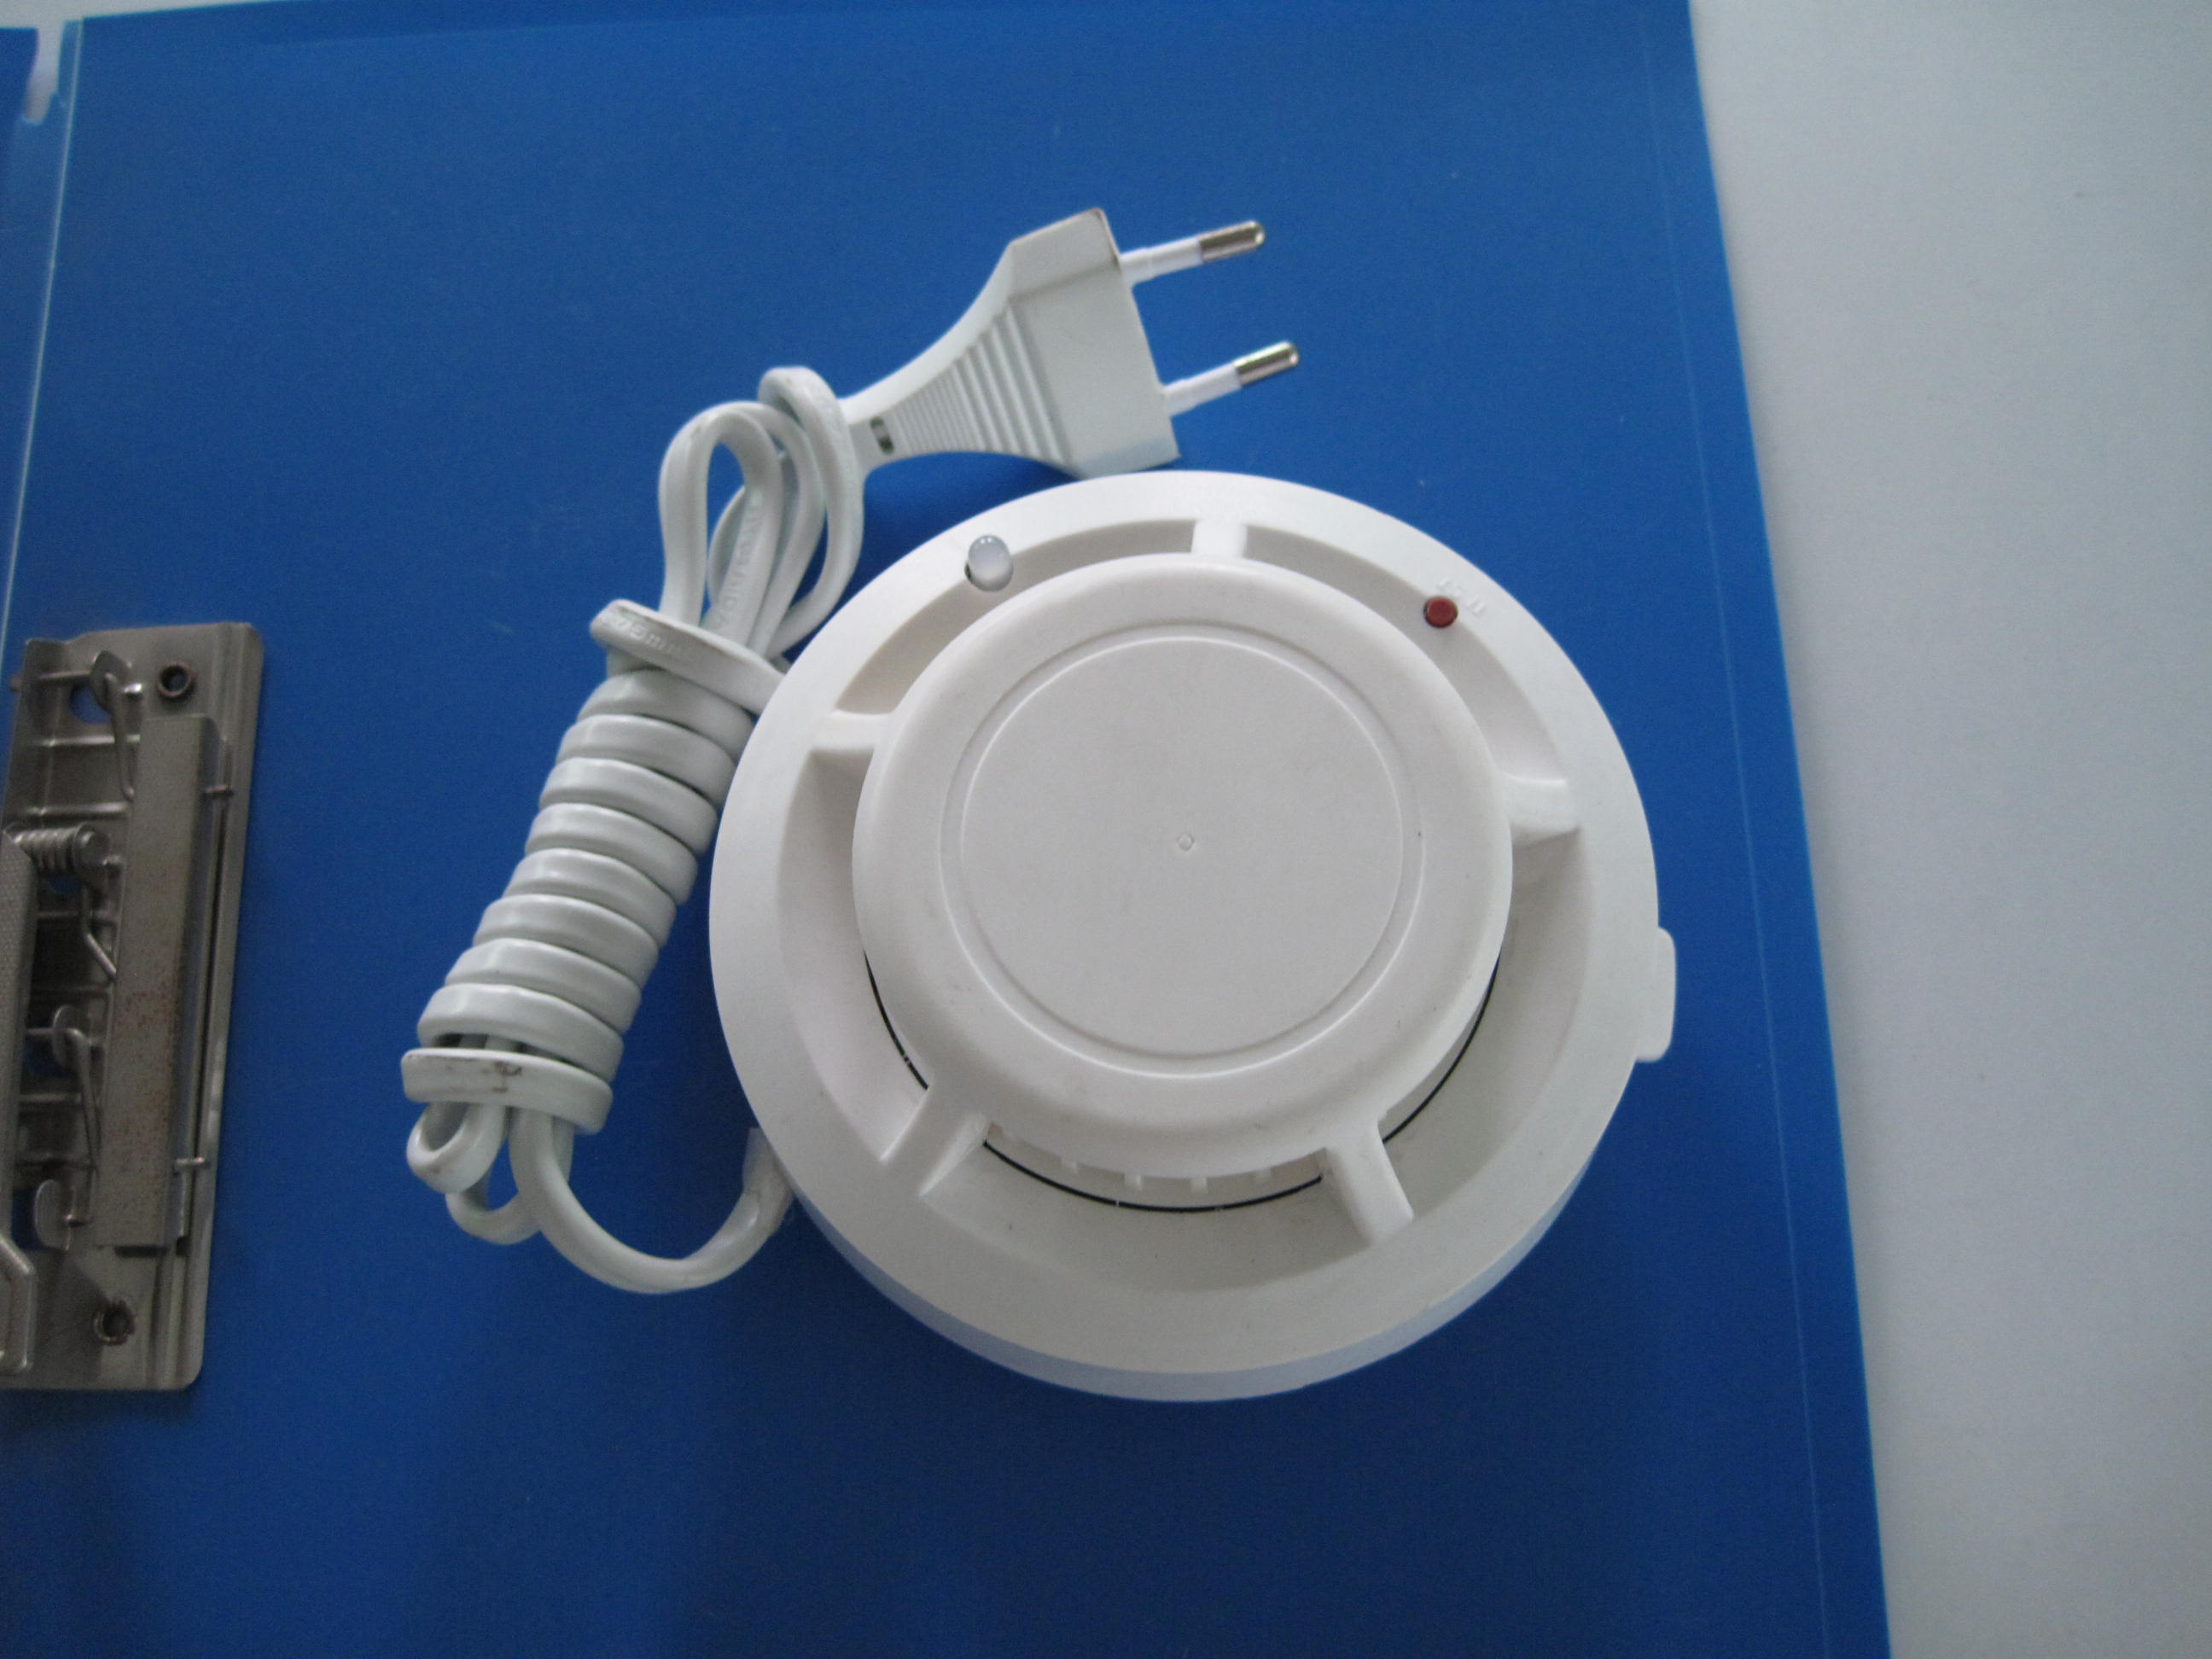 产品信息: 传感器:光学腔迷宫 工作电压:9VDC/12VDC 工作电流:静电电流小于 10ua 报警工作电流 10 - 30ma 烟雾灵敏度:符合 国家标准 测试值每英尺 3.2% 微弱灰烟探测器有反应 工作环境:-10~50 报警音量: 85分贝 / 3米 中和联诚系列报警器,提供多种不同外形烟雾报警器,供你选择。并同时提供OEM,ODM服务!